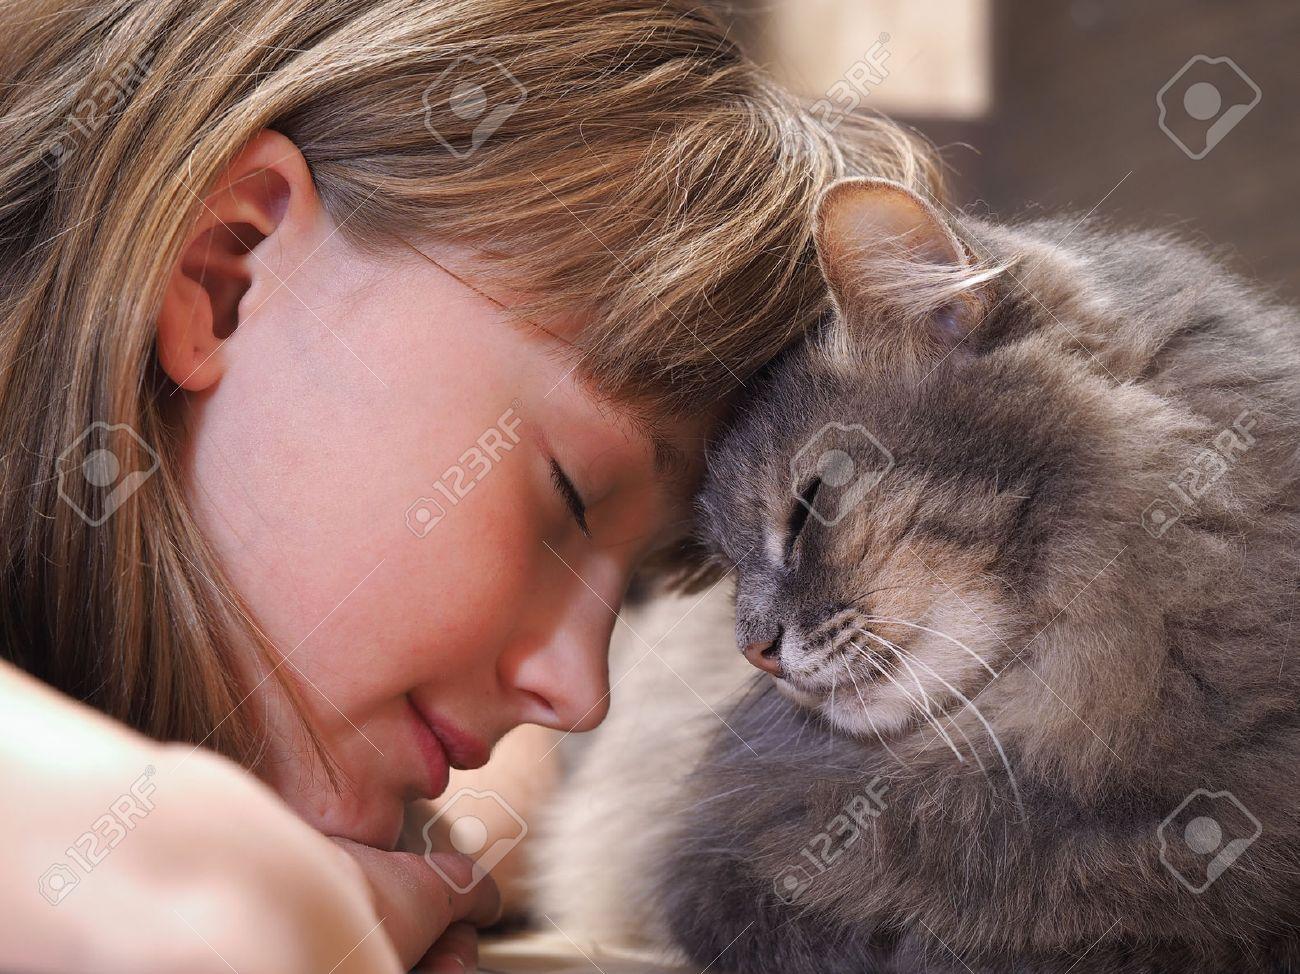 Gato Y Chica Cara A Cara La Ternura El Amor La Amistad Imagen